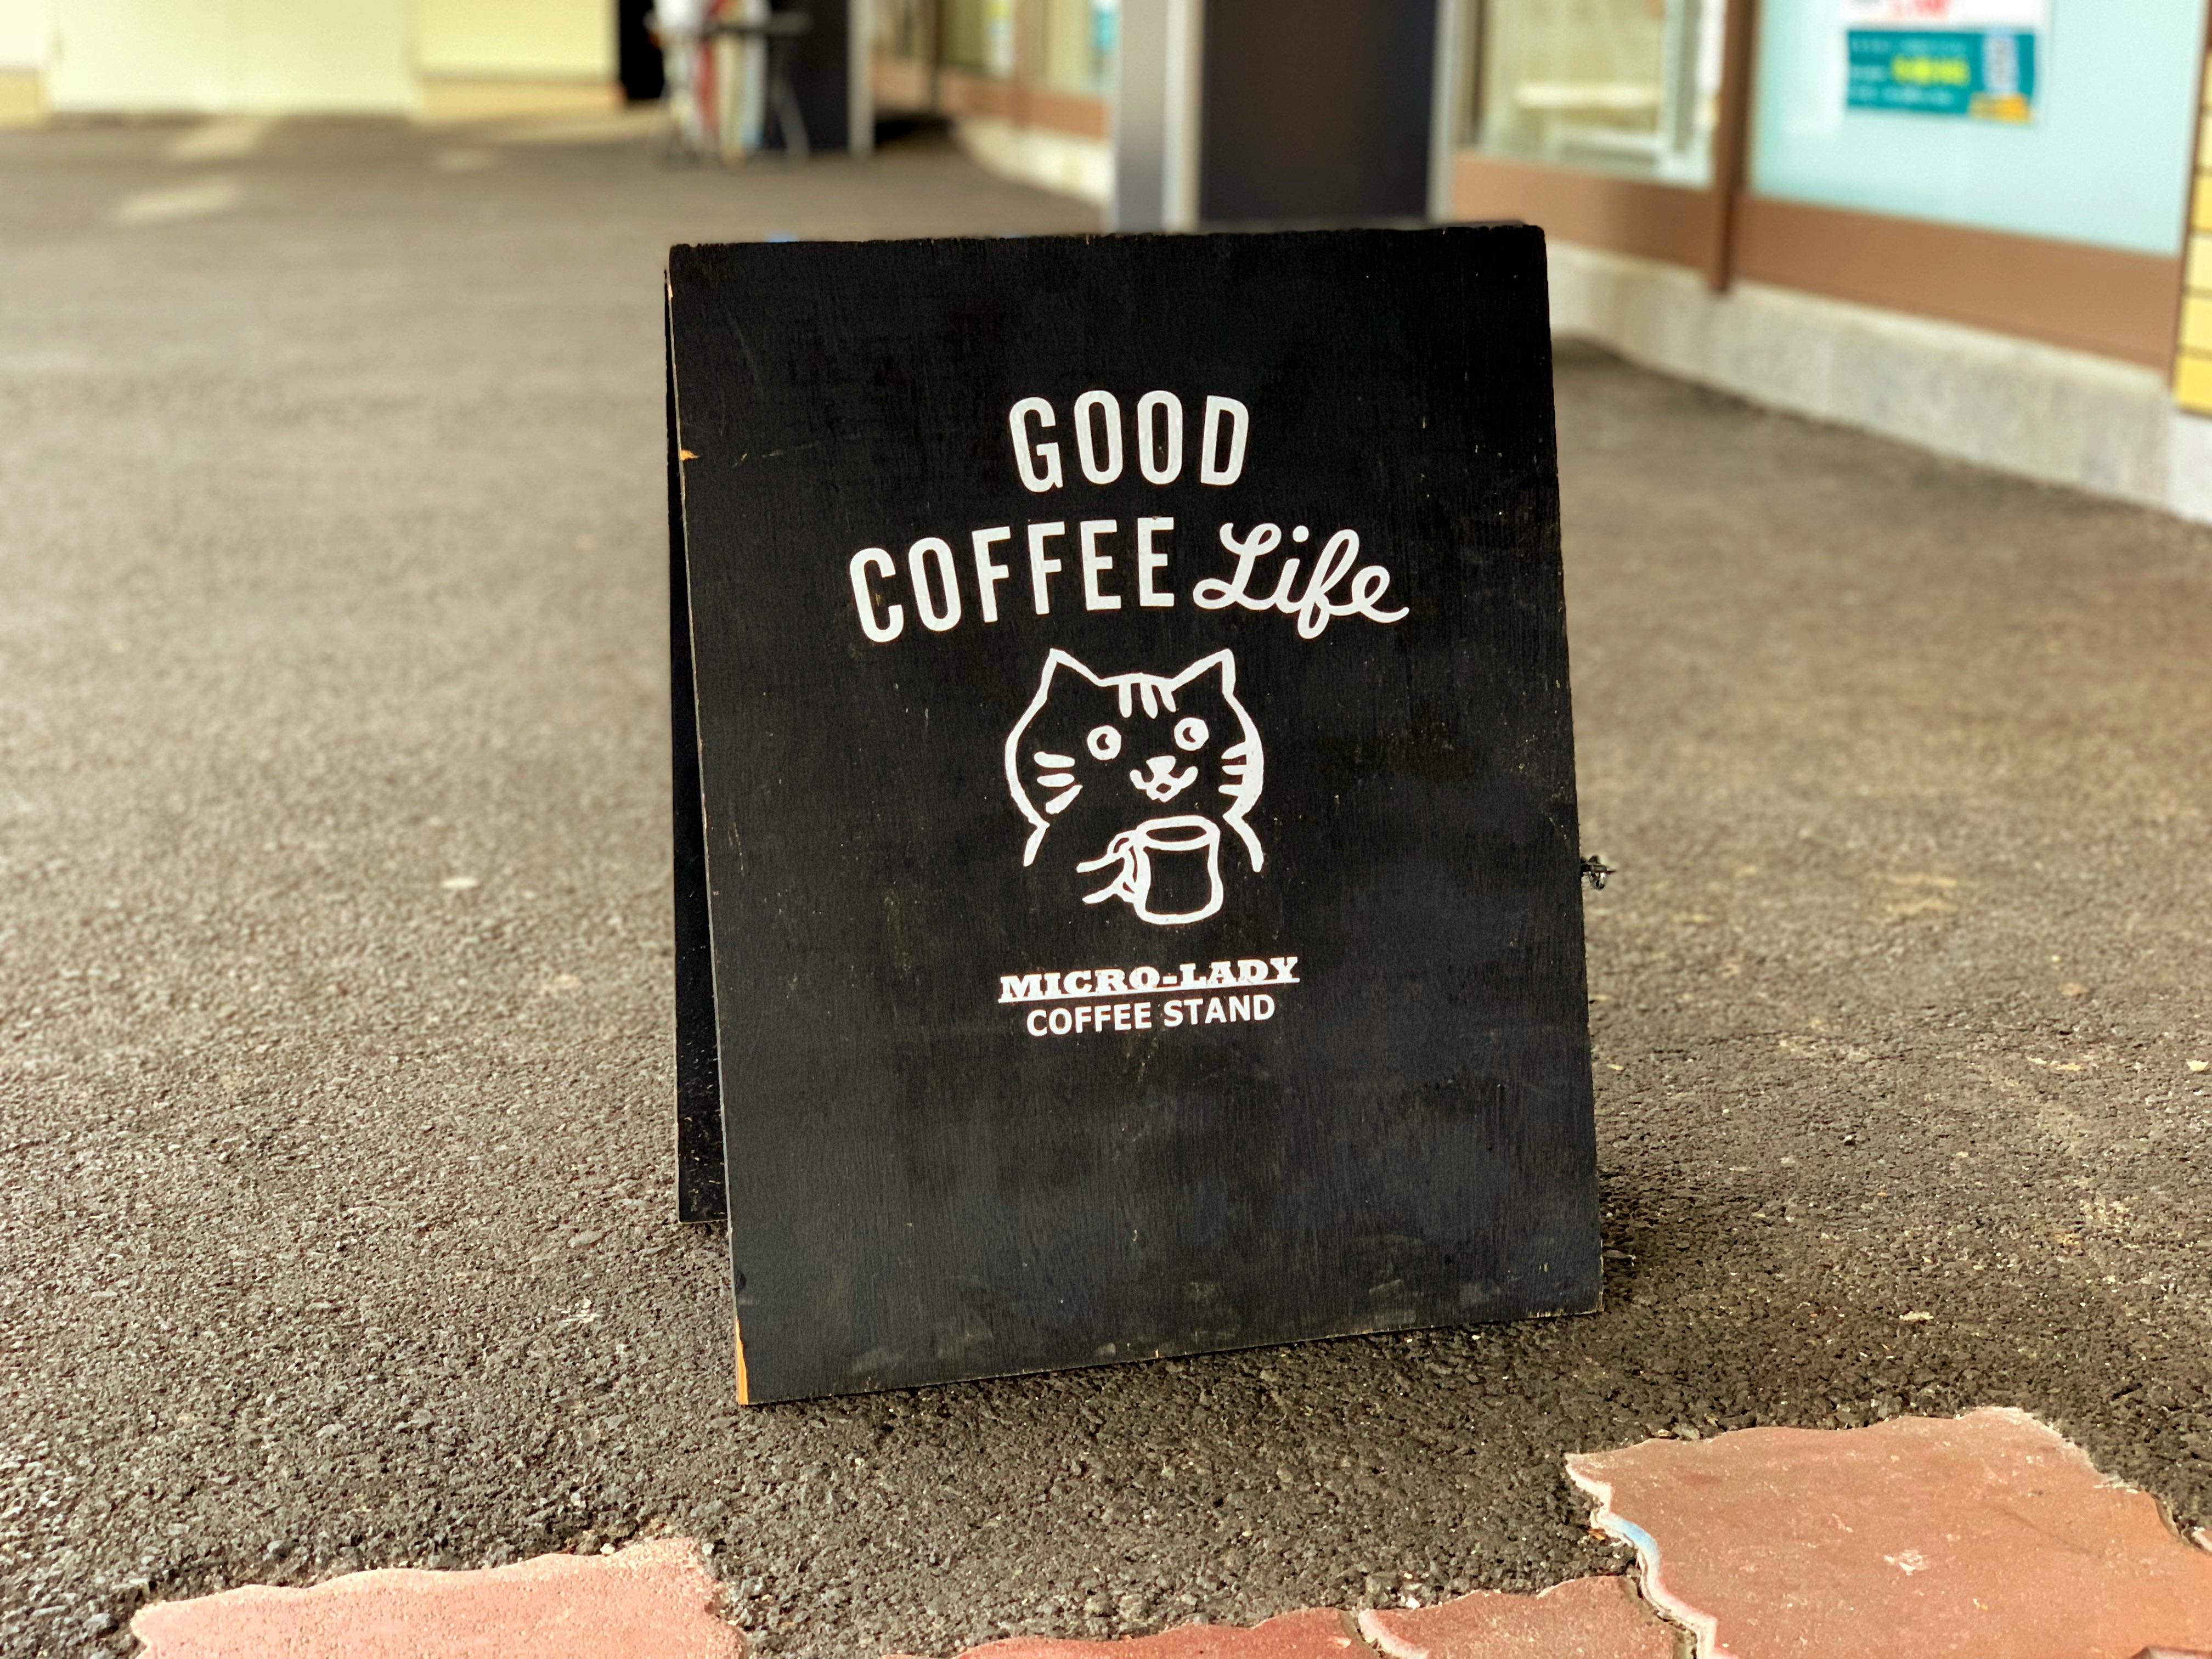 彦根駅にある珈琲店MICRO-LADY COFFEE STANDの看板